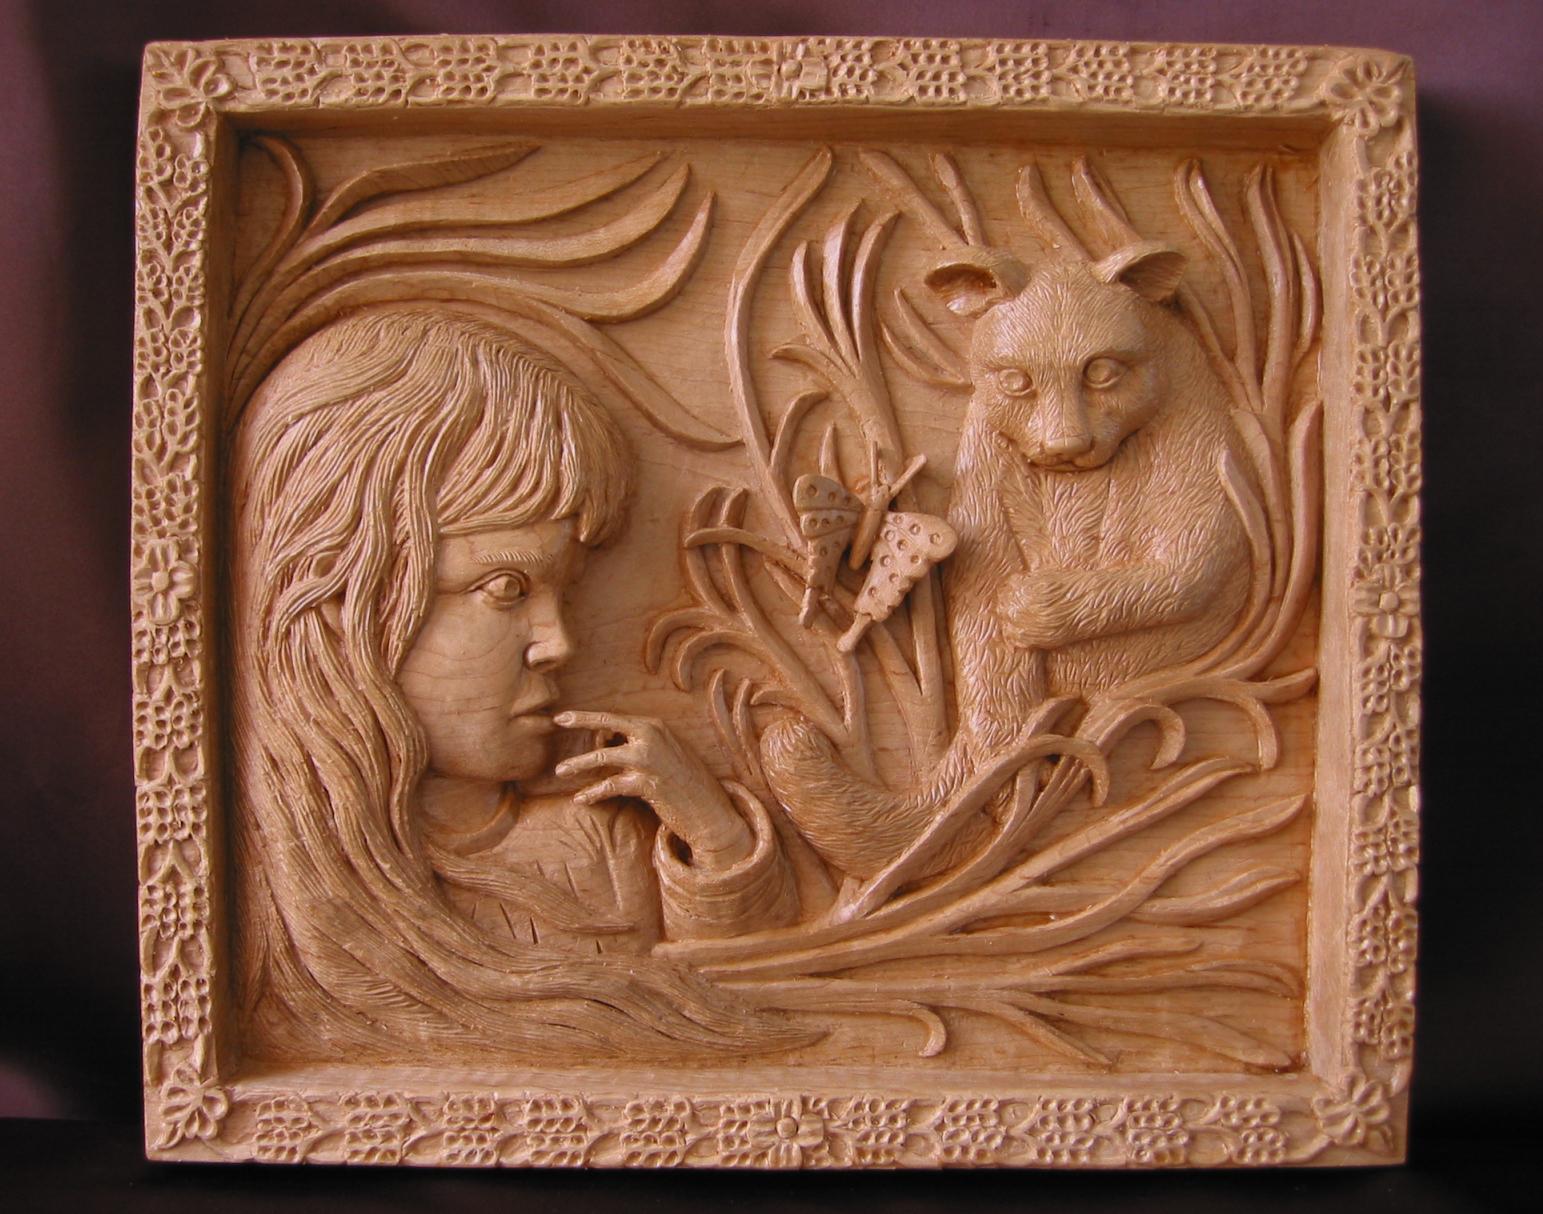 Ni a con gato y mariposa talla en madera wood carving - Fotos en madera ...